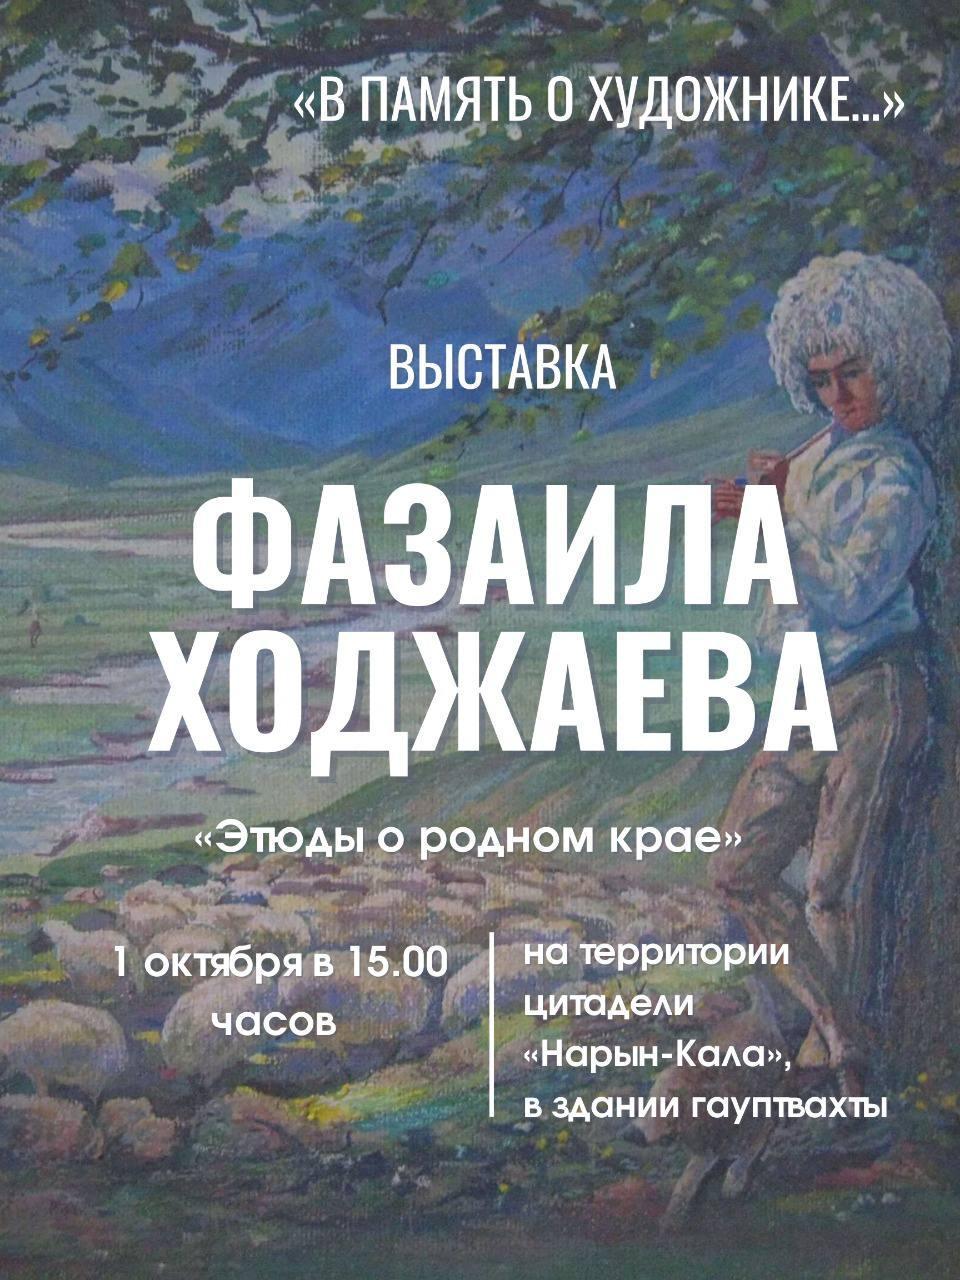 Выставка Фазаила Ходжаева «Этюды о родном крае»